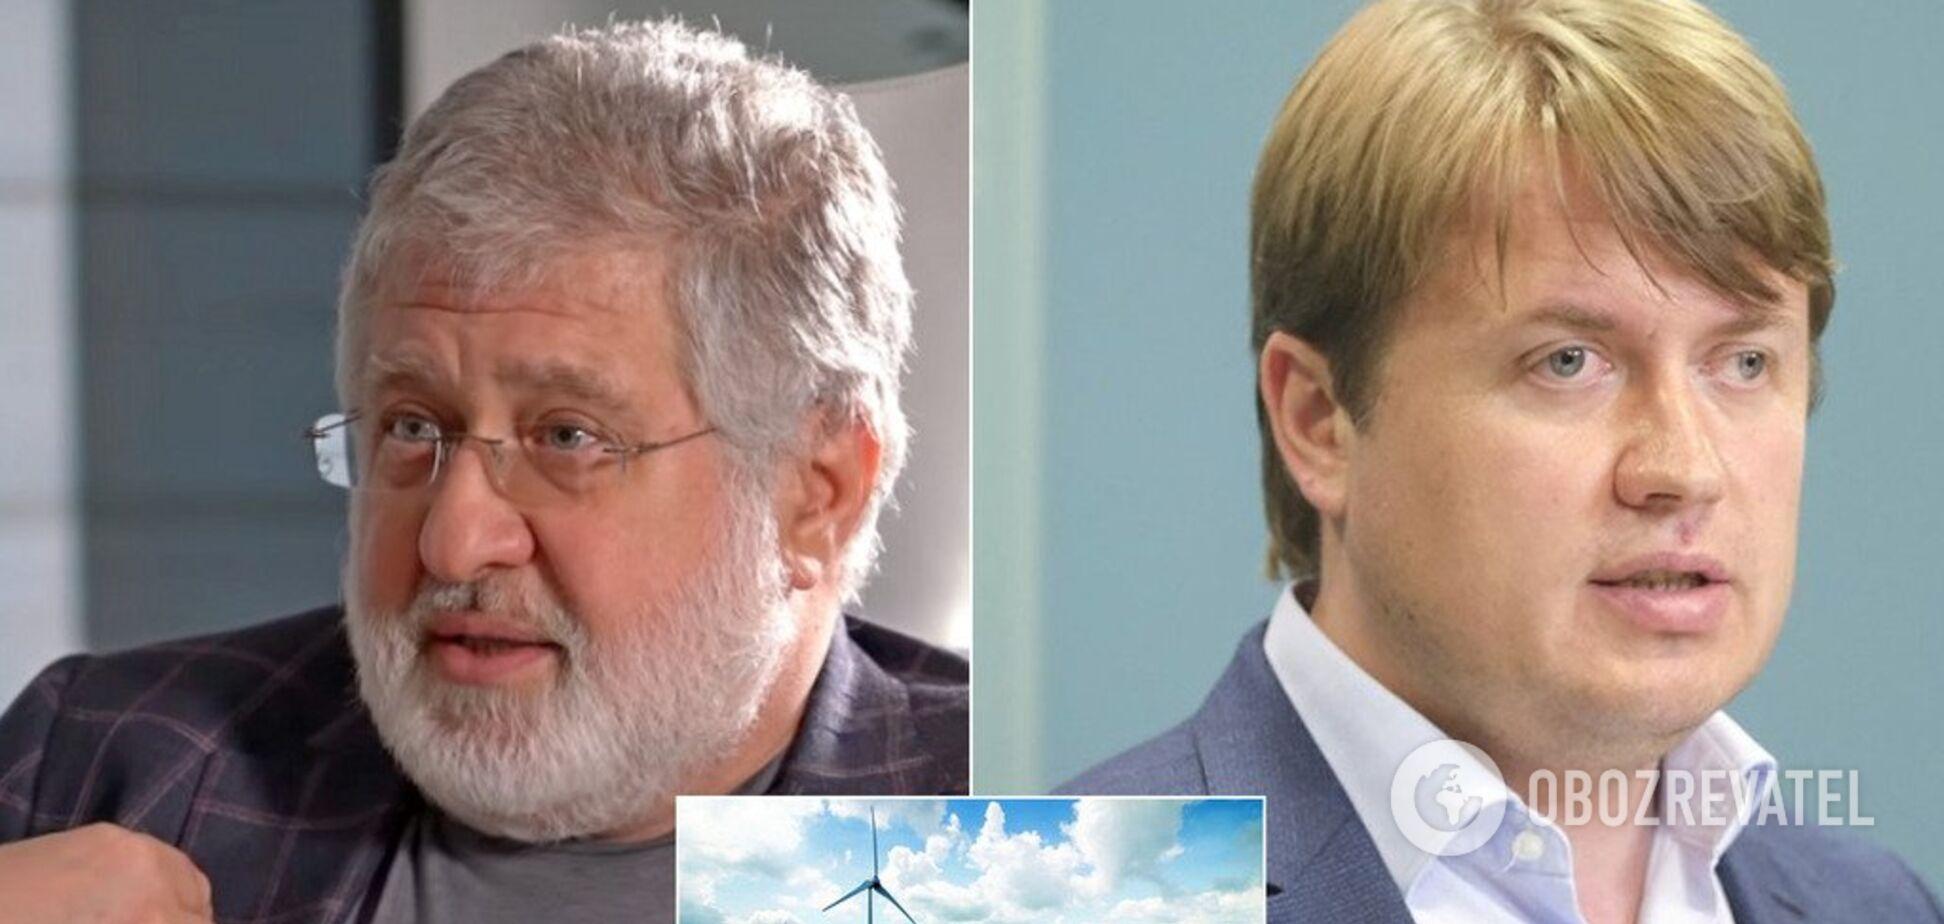 'Уничтожают 'зеленую' энергетику!' Журналист выдвинул громкое обвинение Коломойскому и Герусу